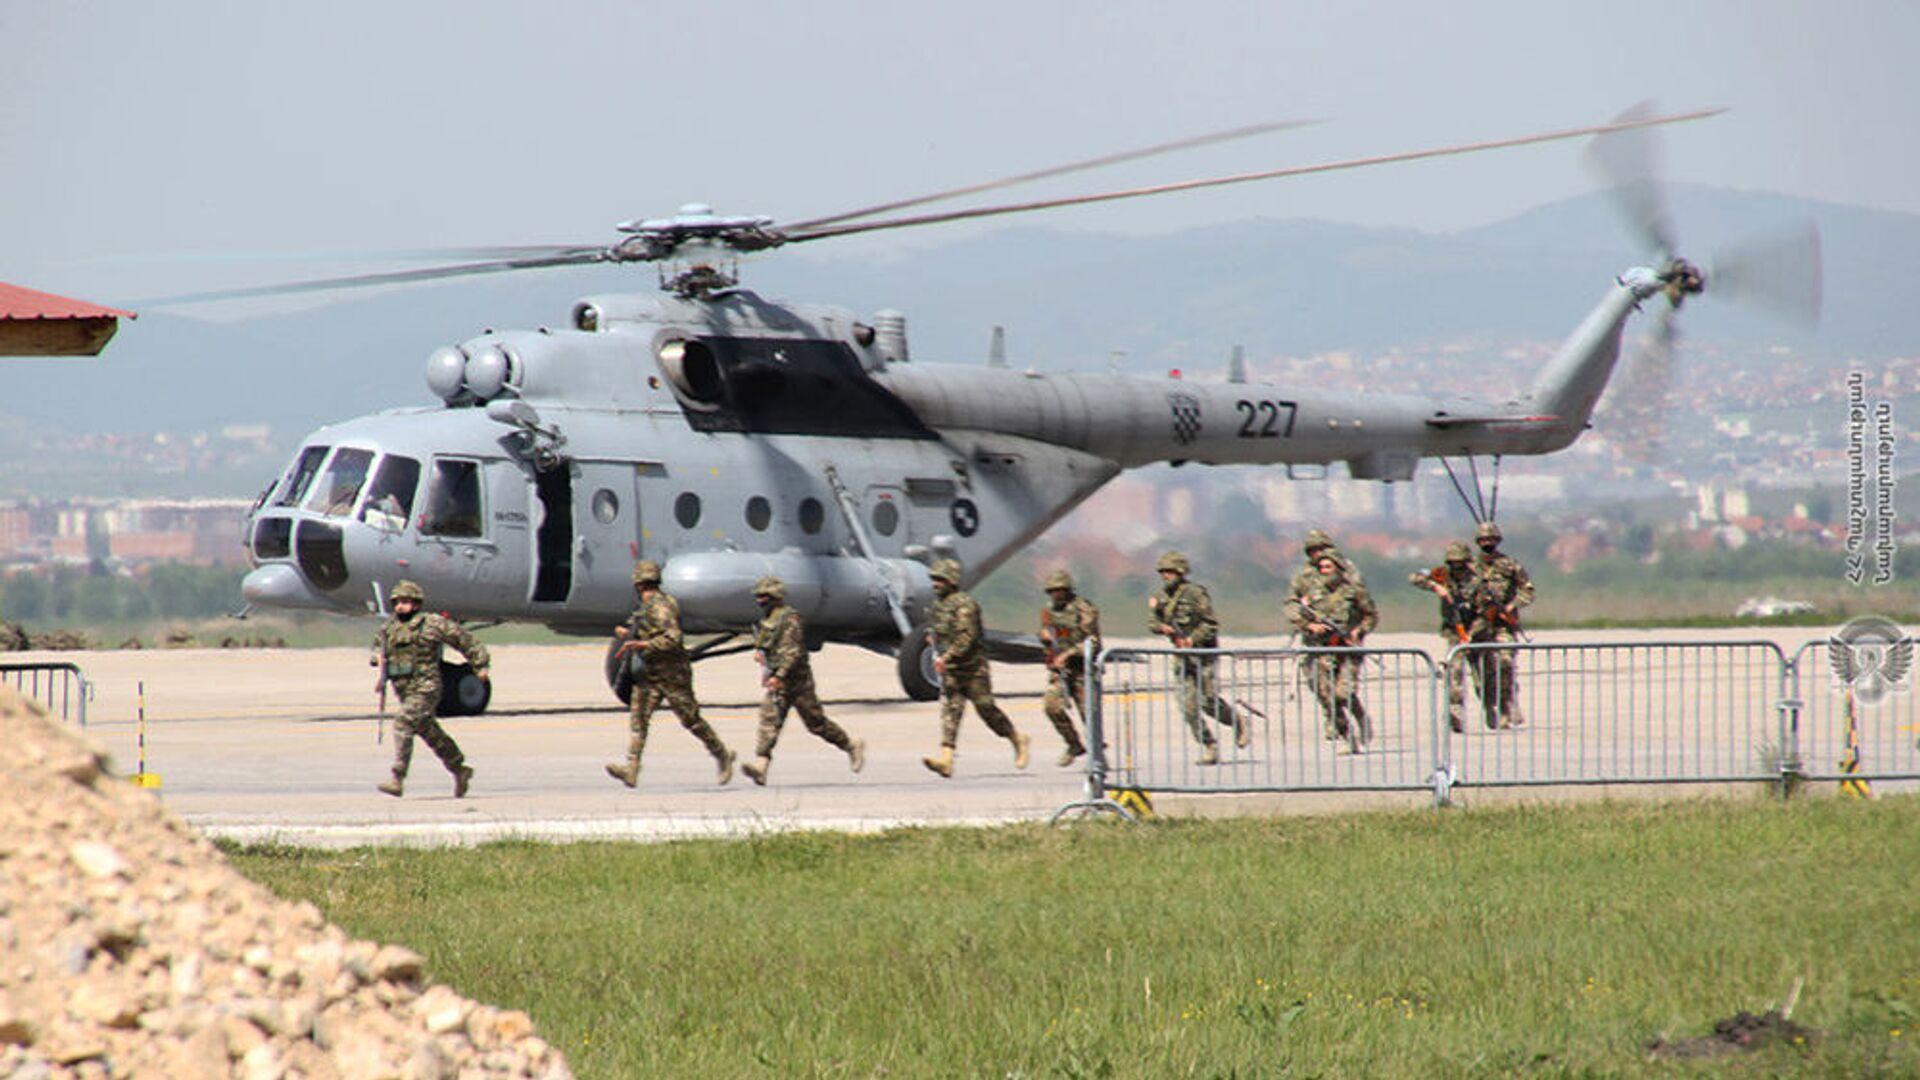 Военнослужащие армянского контингента, выполняющие миротворческую миссию в Косово, провели учения на территории вверенного им военного аэродрома - Sputnik Արմենիա, 1920, 03.06.2021